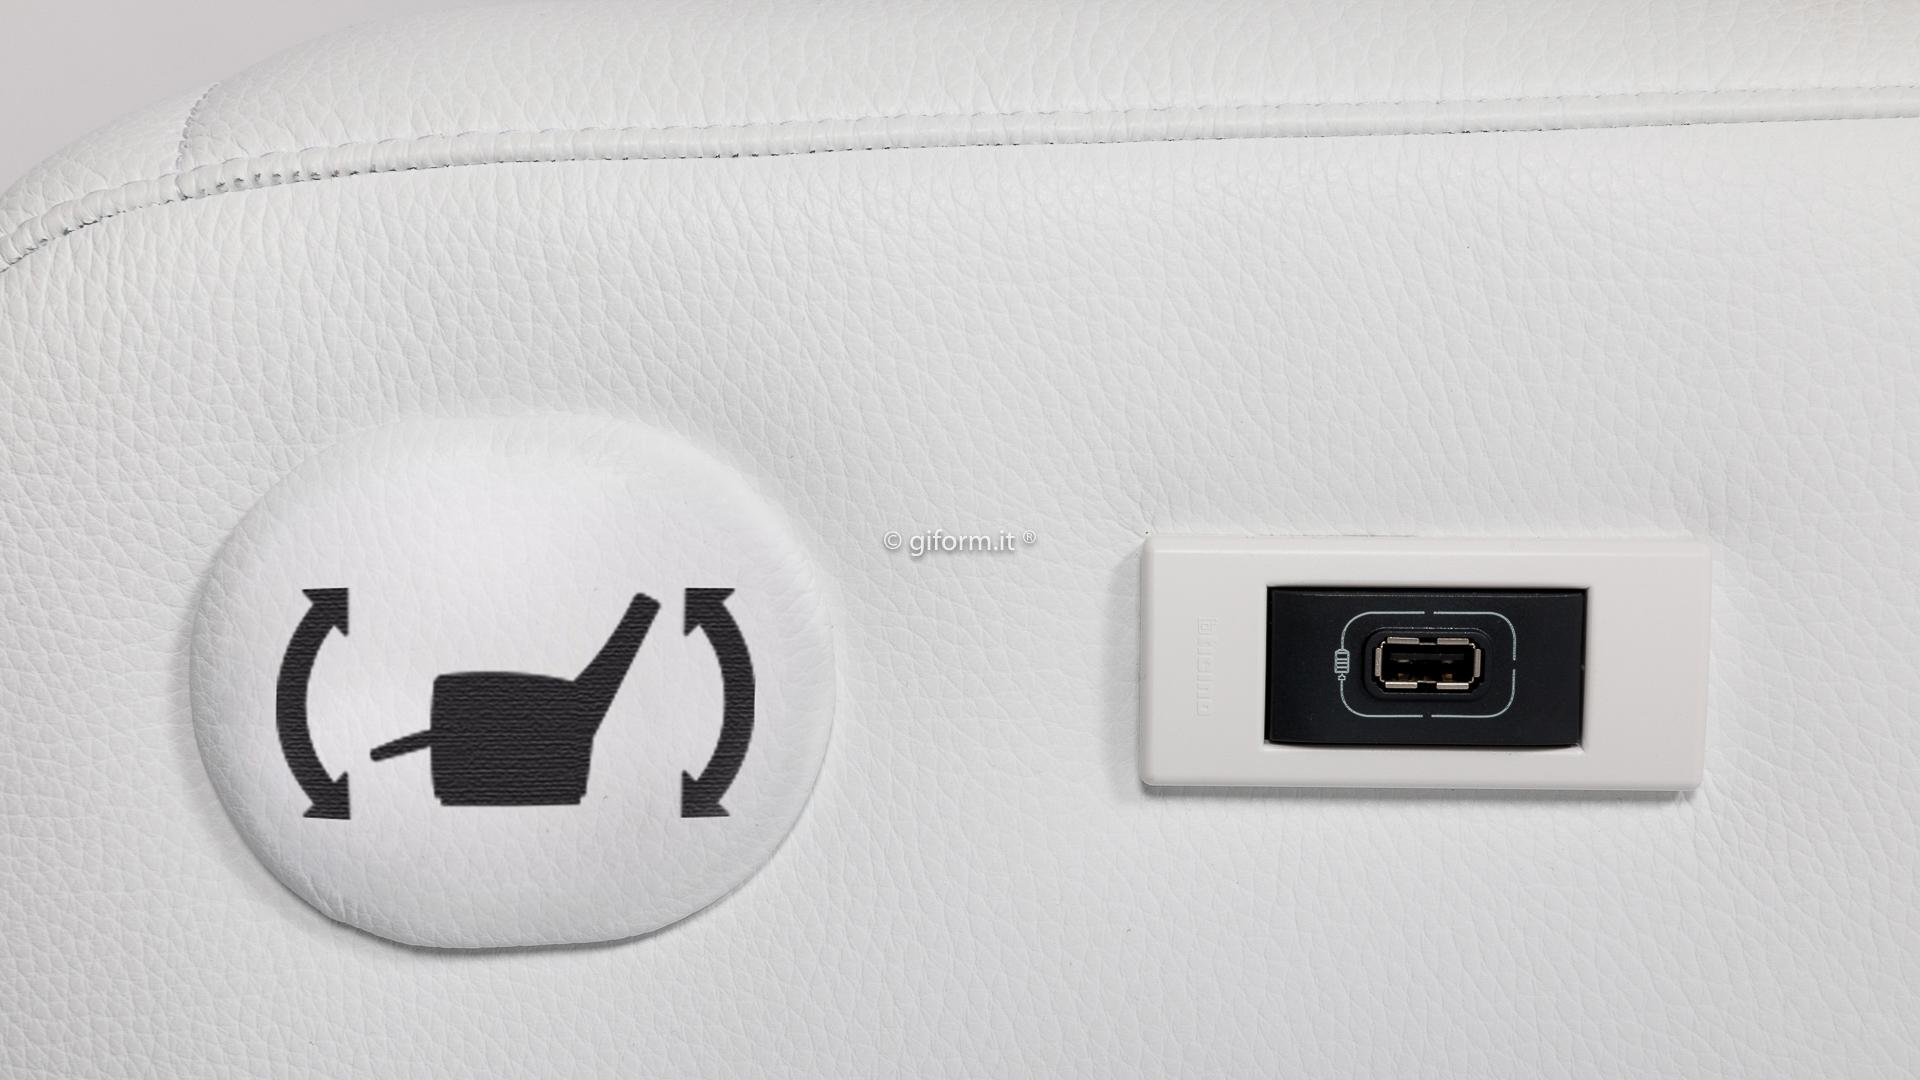 GIFORM - Make Up: dettaglio pulsantiera e presa USB